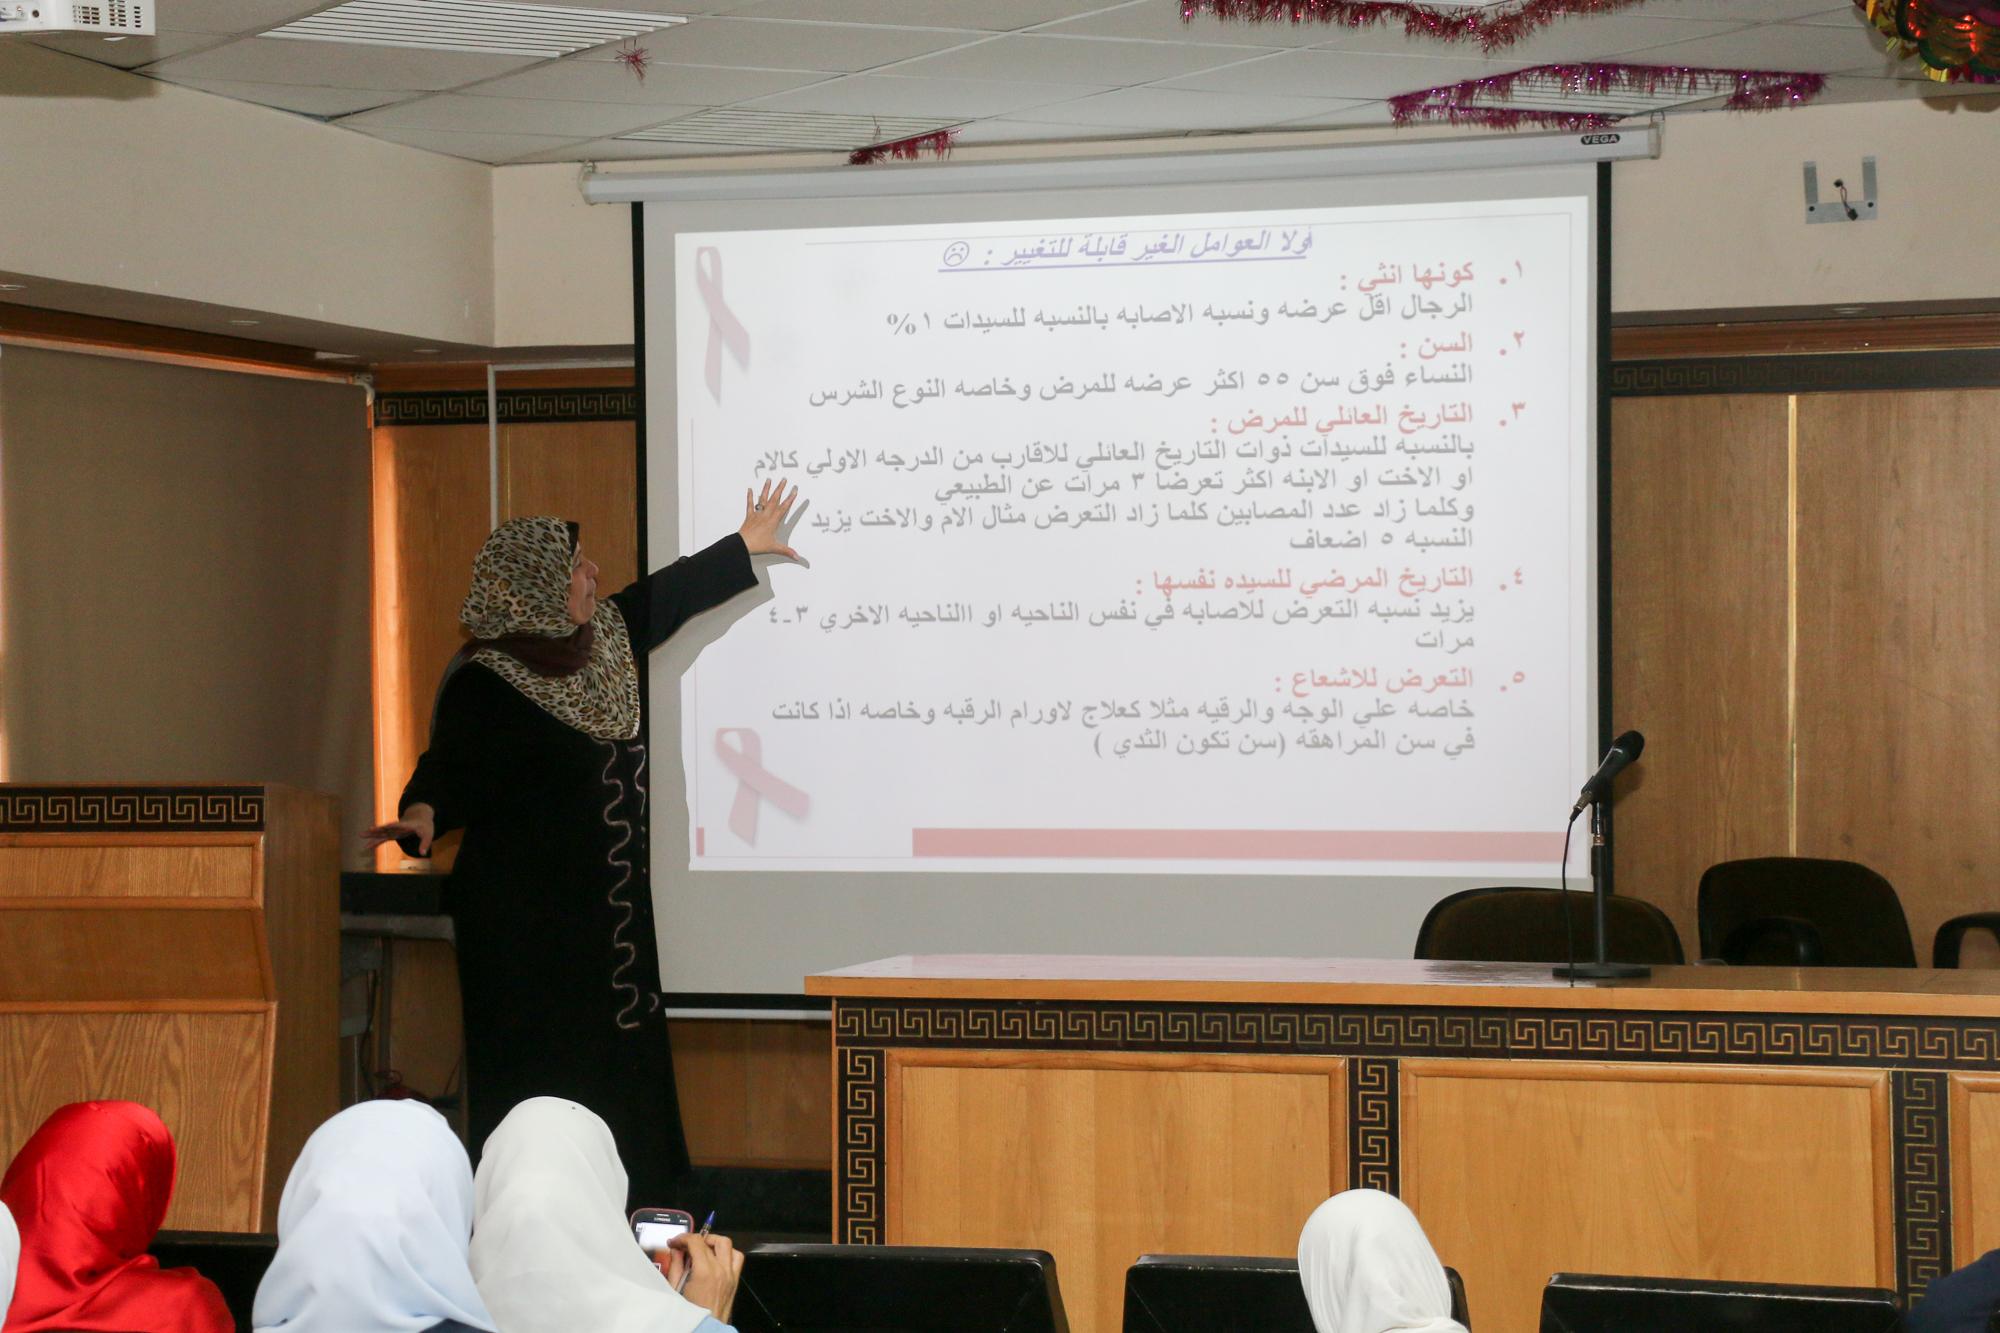 سرطان الثدى ، اتحاد الأطباء العرب